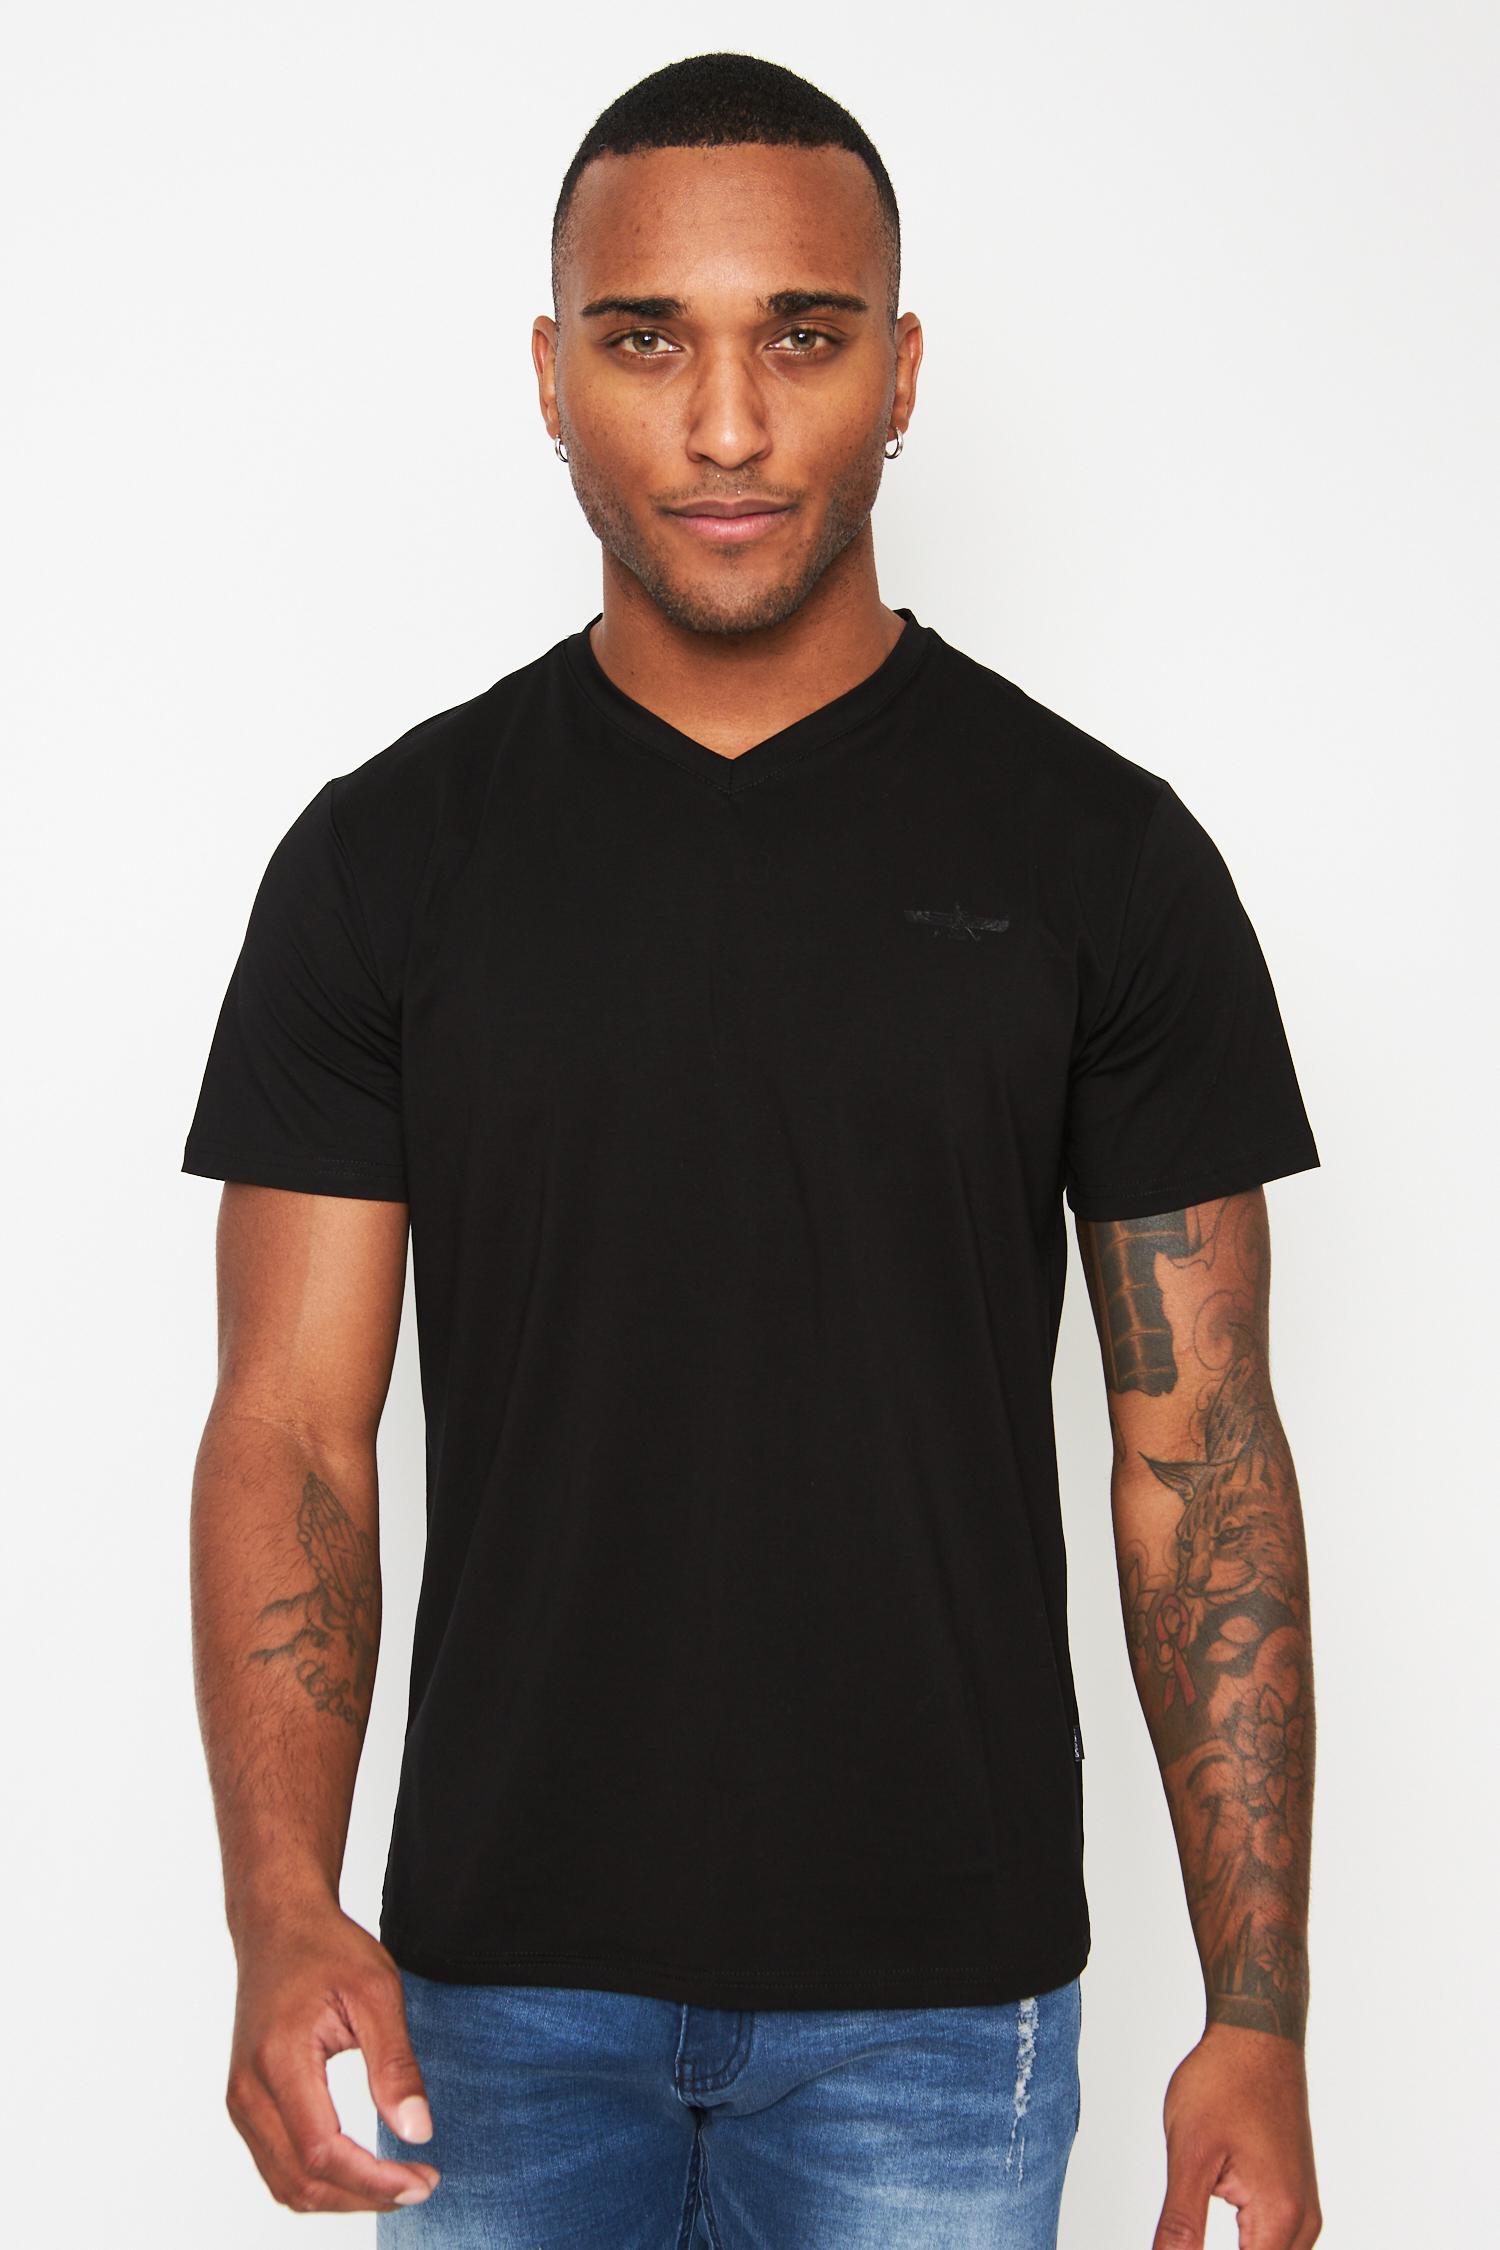 everyday basics black v-neck t-shirt